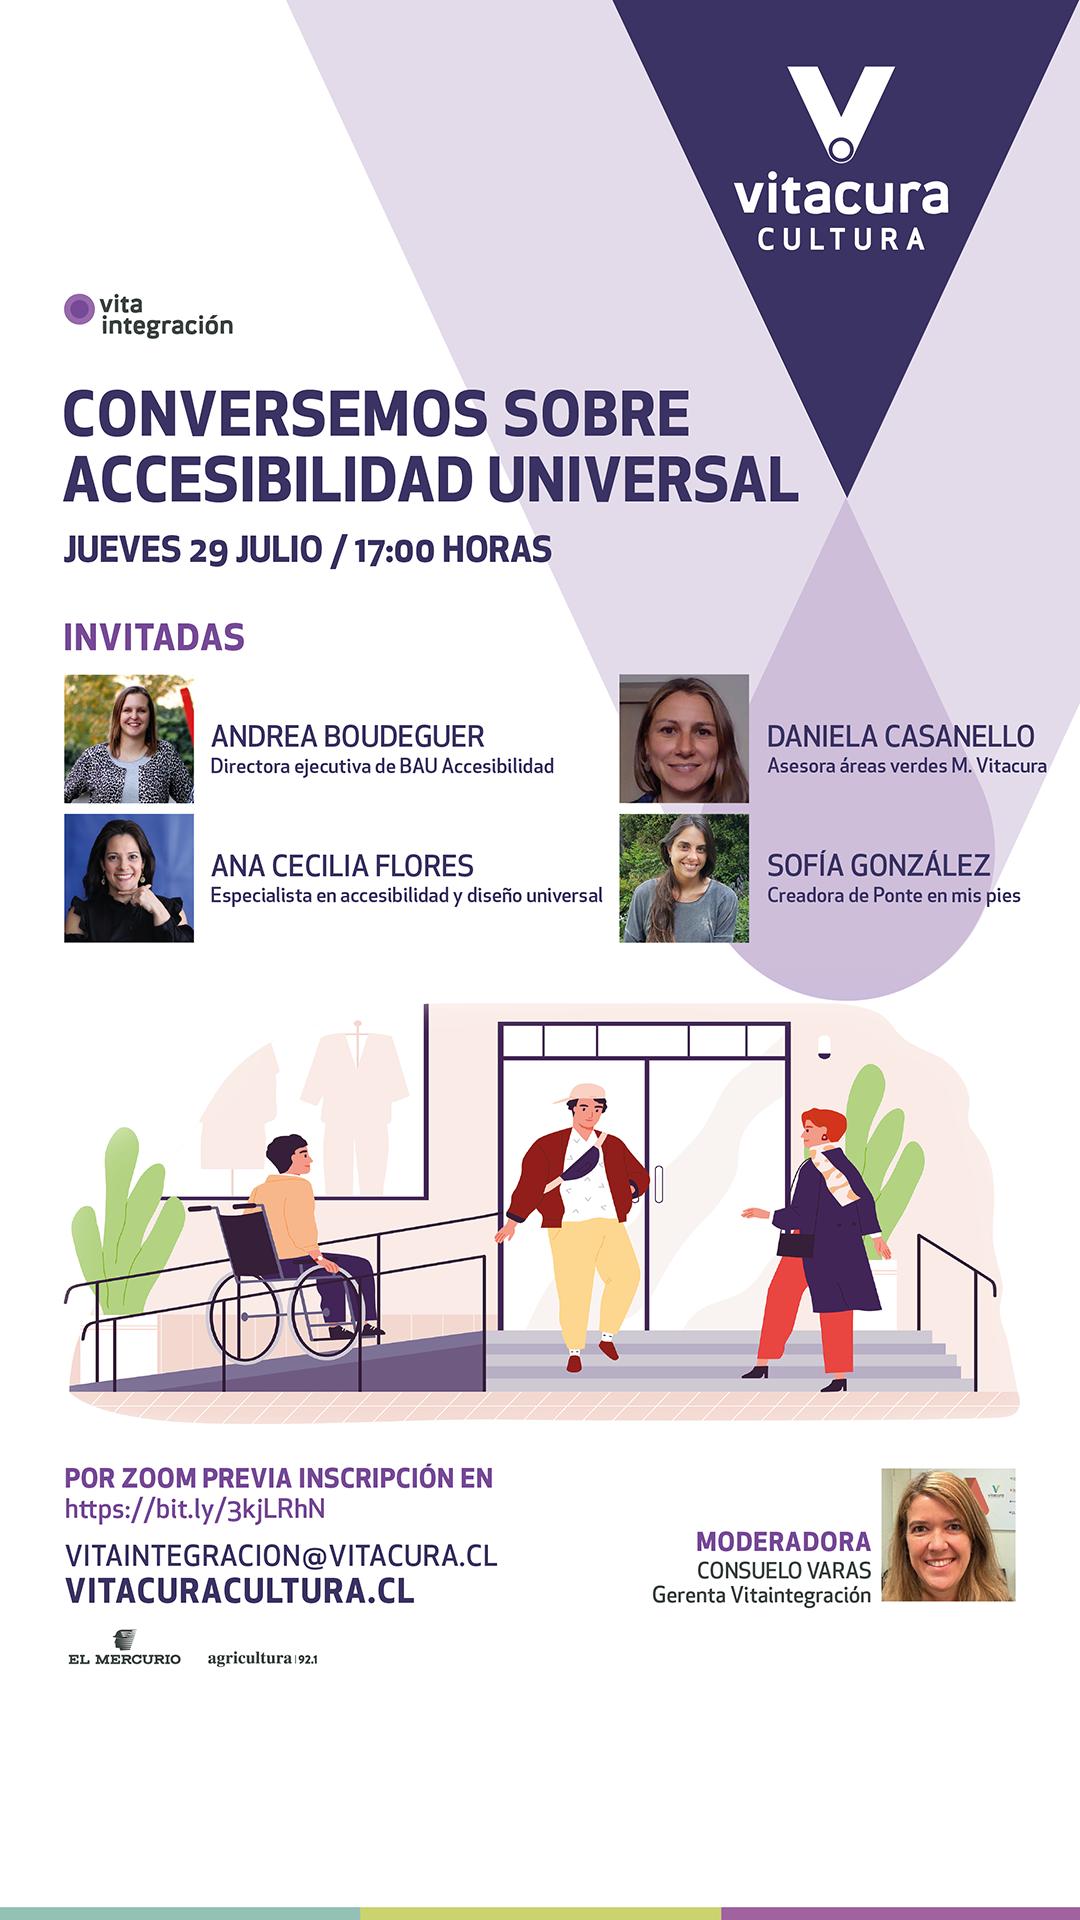 [WEBINAR] Accesibilidad Universal: la cita de Vitaintegración para reflexionar junto a expertas sobre un desafío pendiente